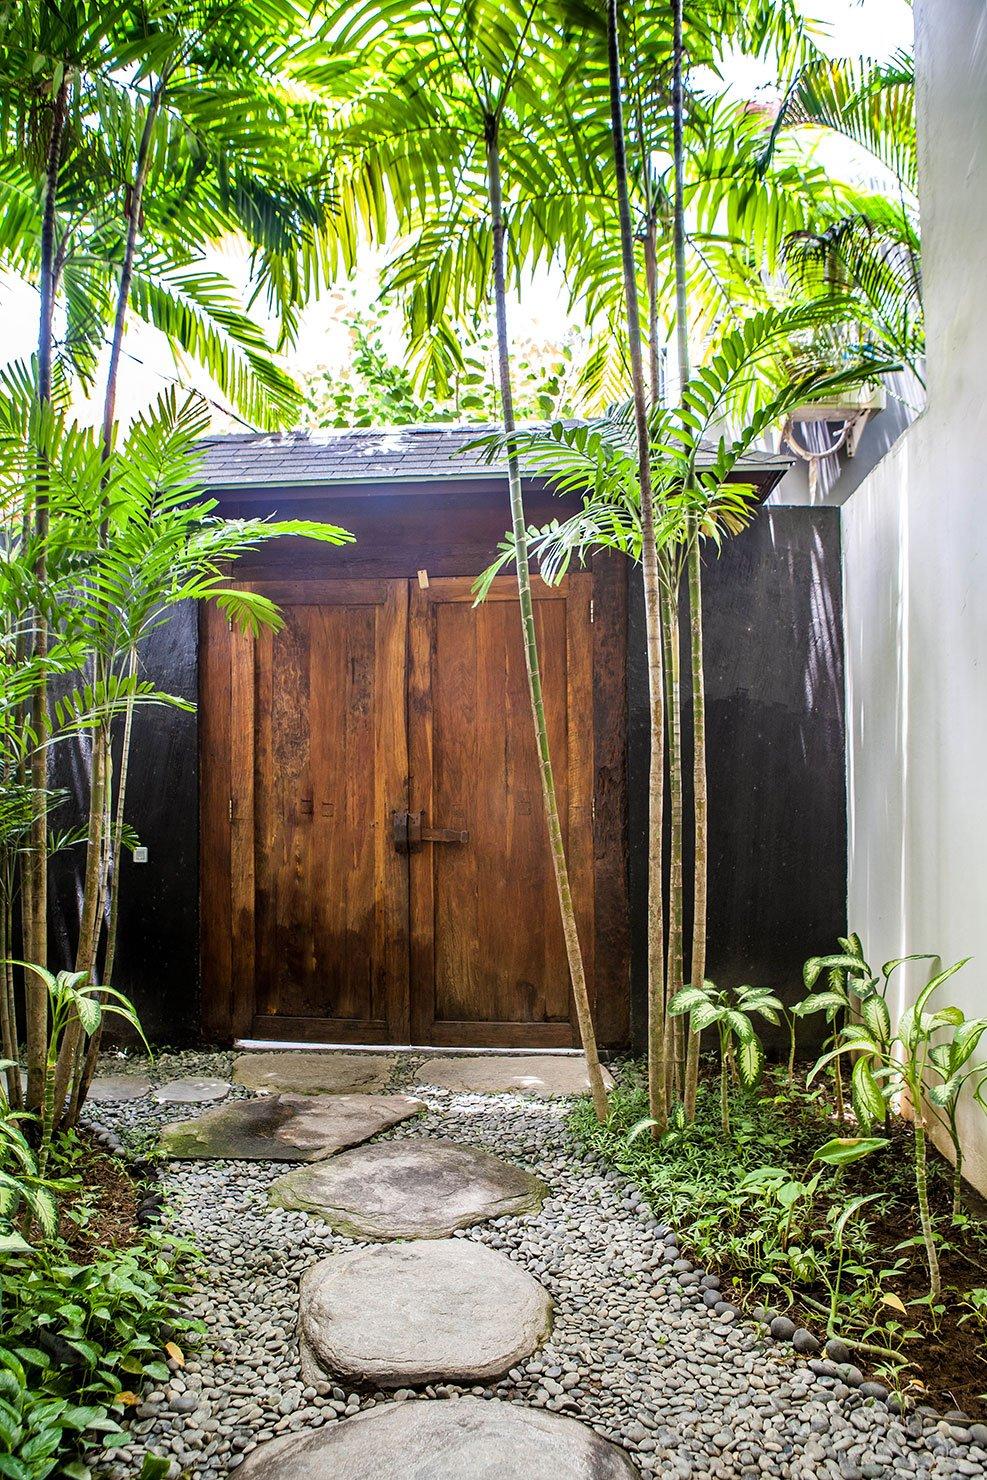 sea shanty Jimbaran- Bali Interiors